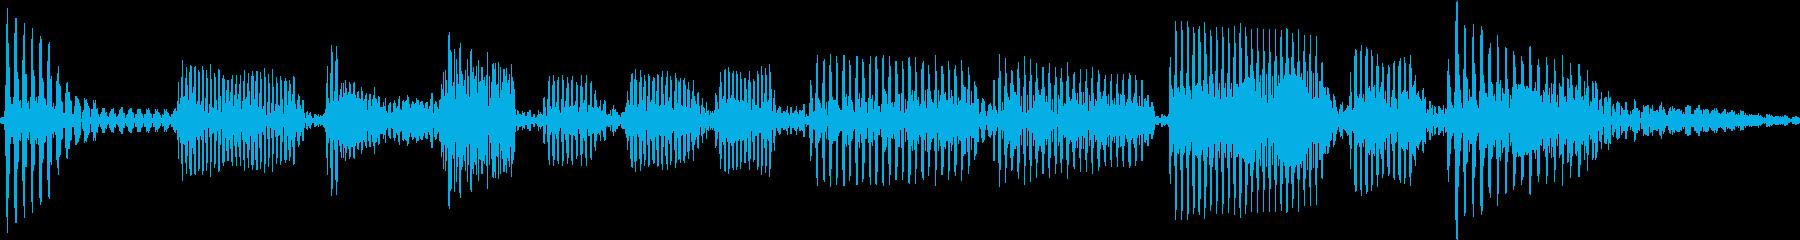 エレキベースのフレーズ2の再生済みの波形